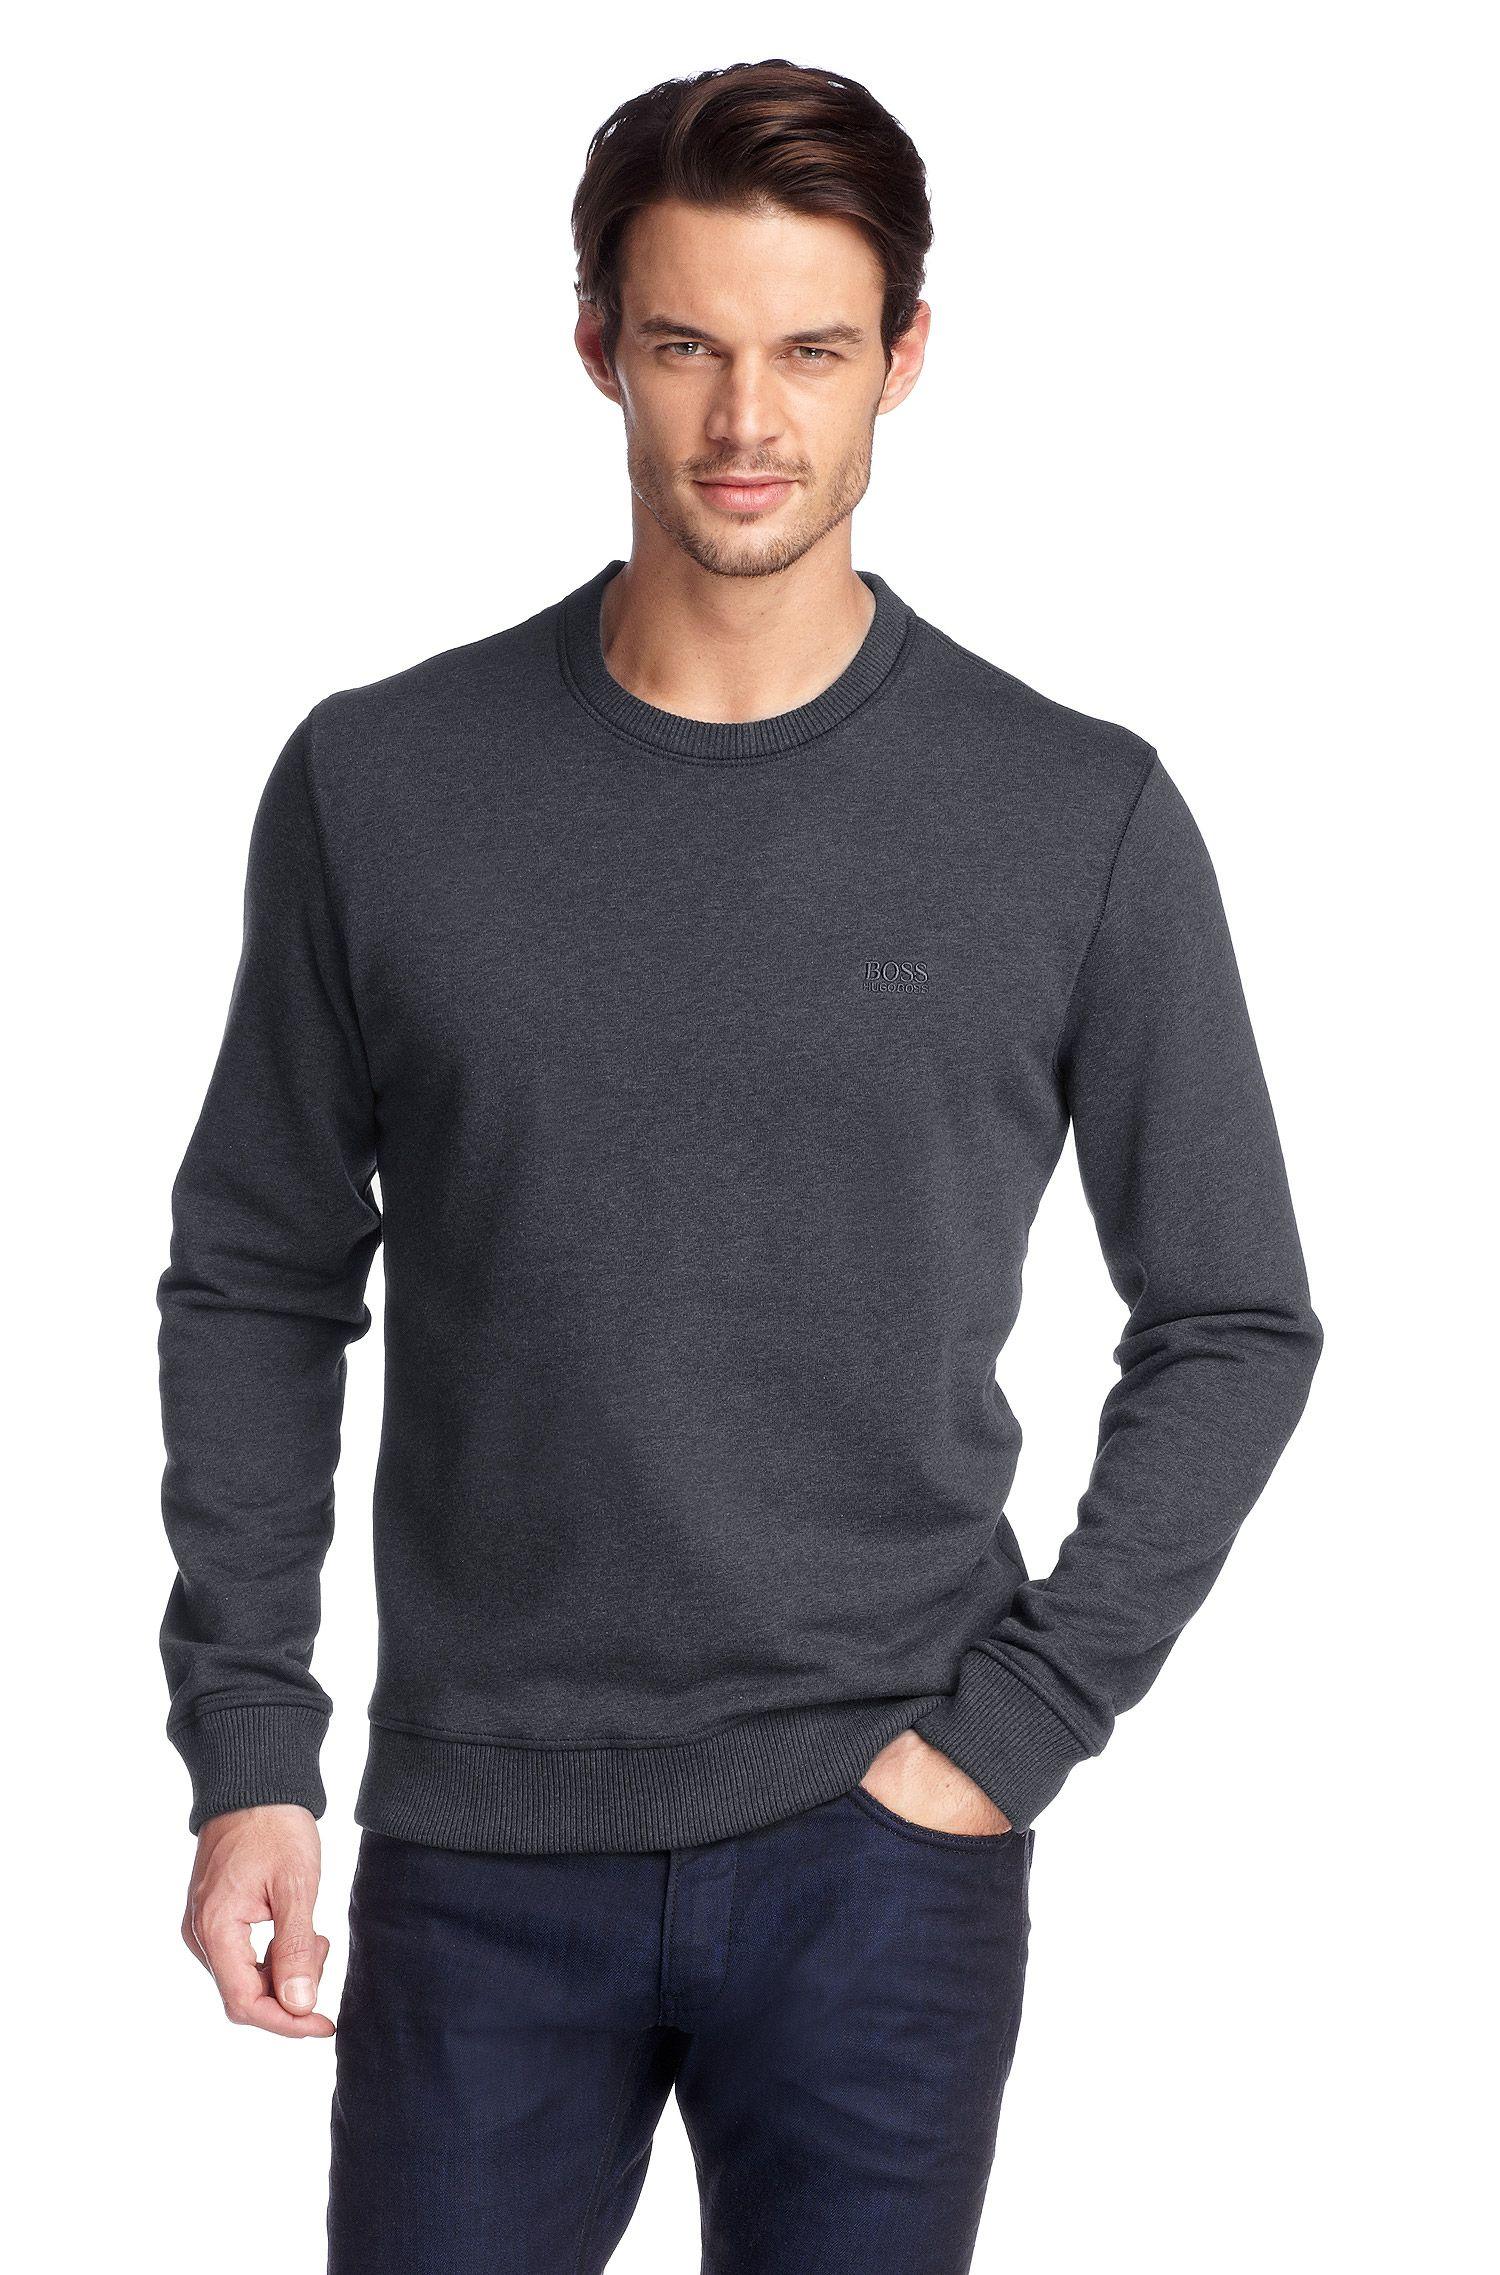 Sweat-shirt à bordures côtelées, Uno 01